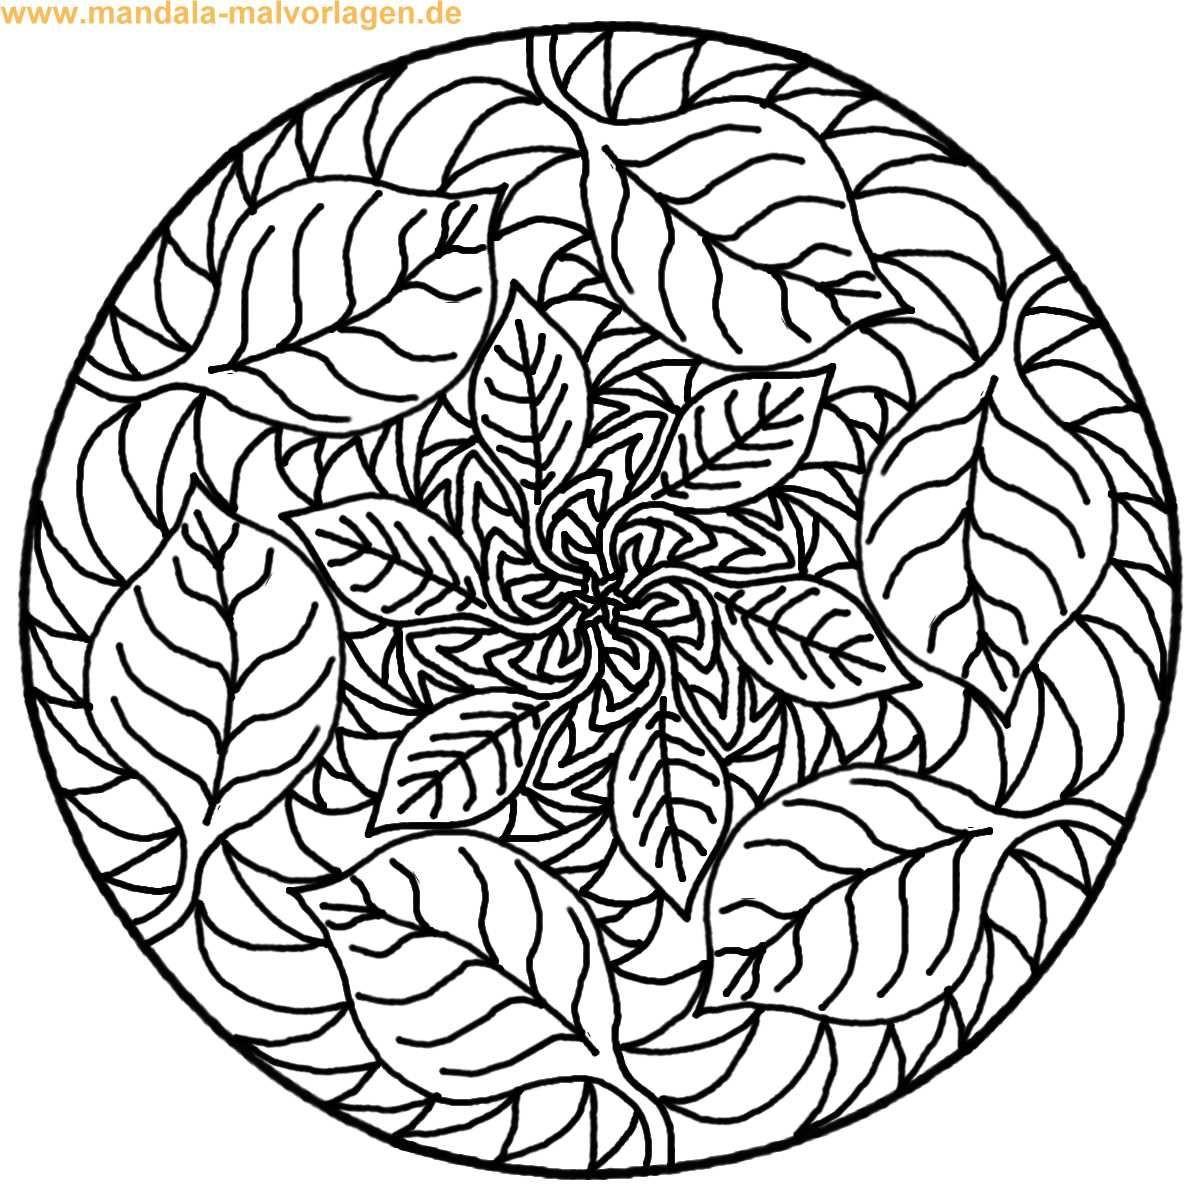 Malvorlagen Mandala  Mandala zum ausmalen Zeichnen Pinterest